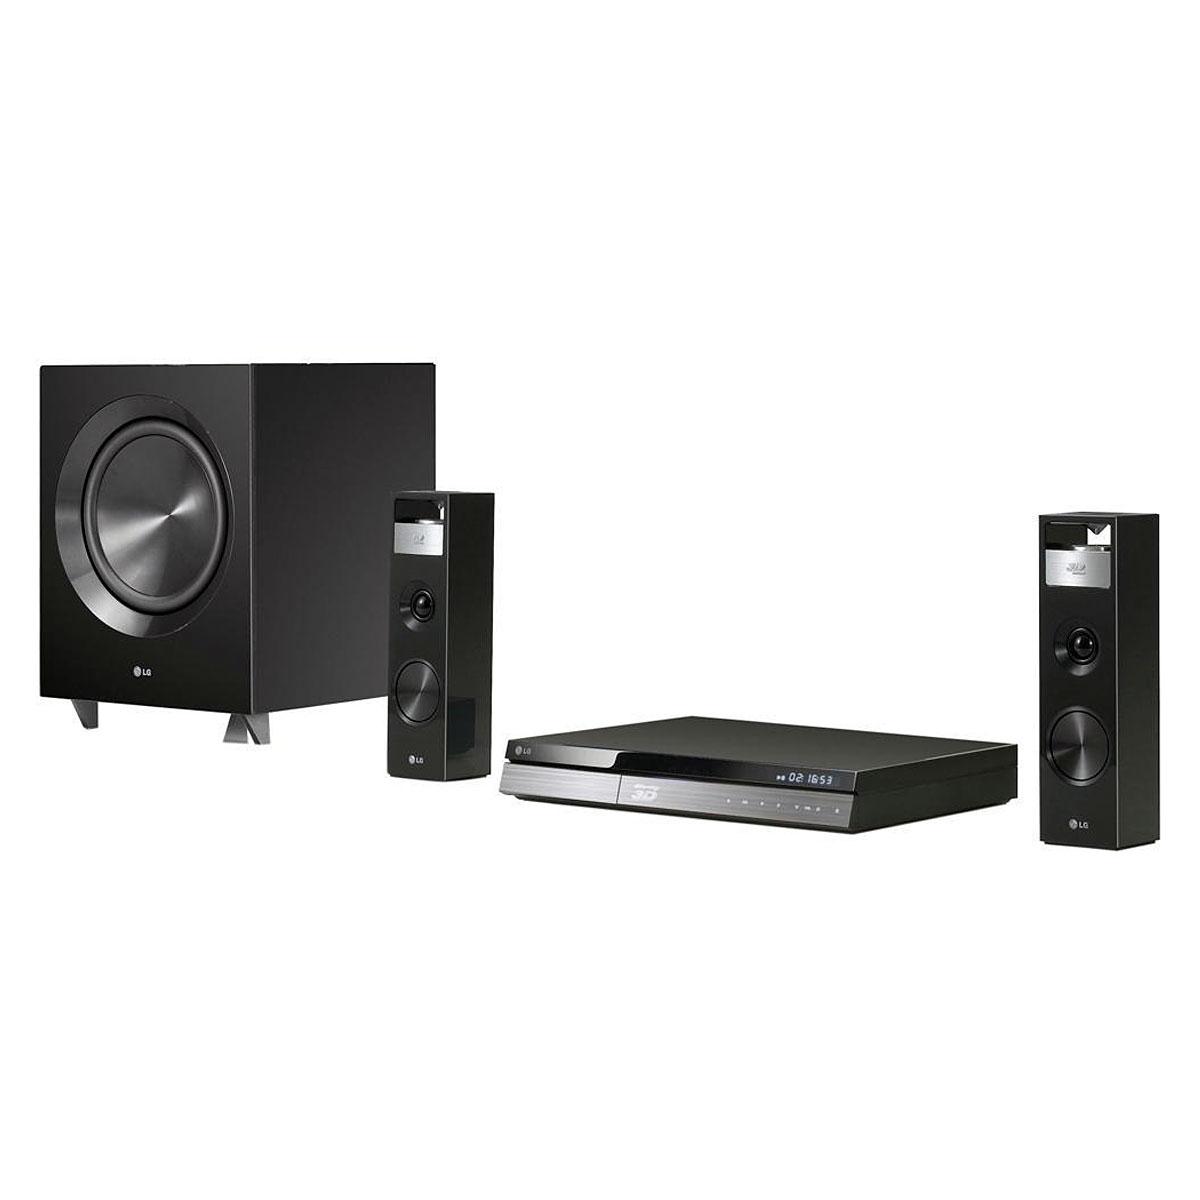 Ensemble home cinéma LG BH9220C Ensemble Home Cinéma 2.1 Blu-ray 3D avec sortie HDMI 1080p Port USB